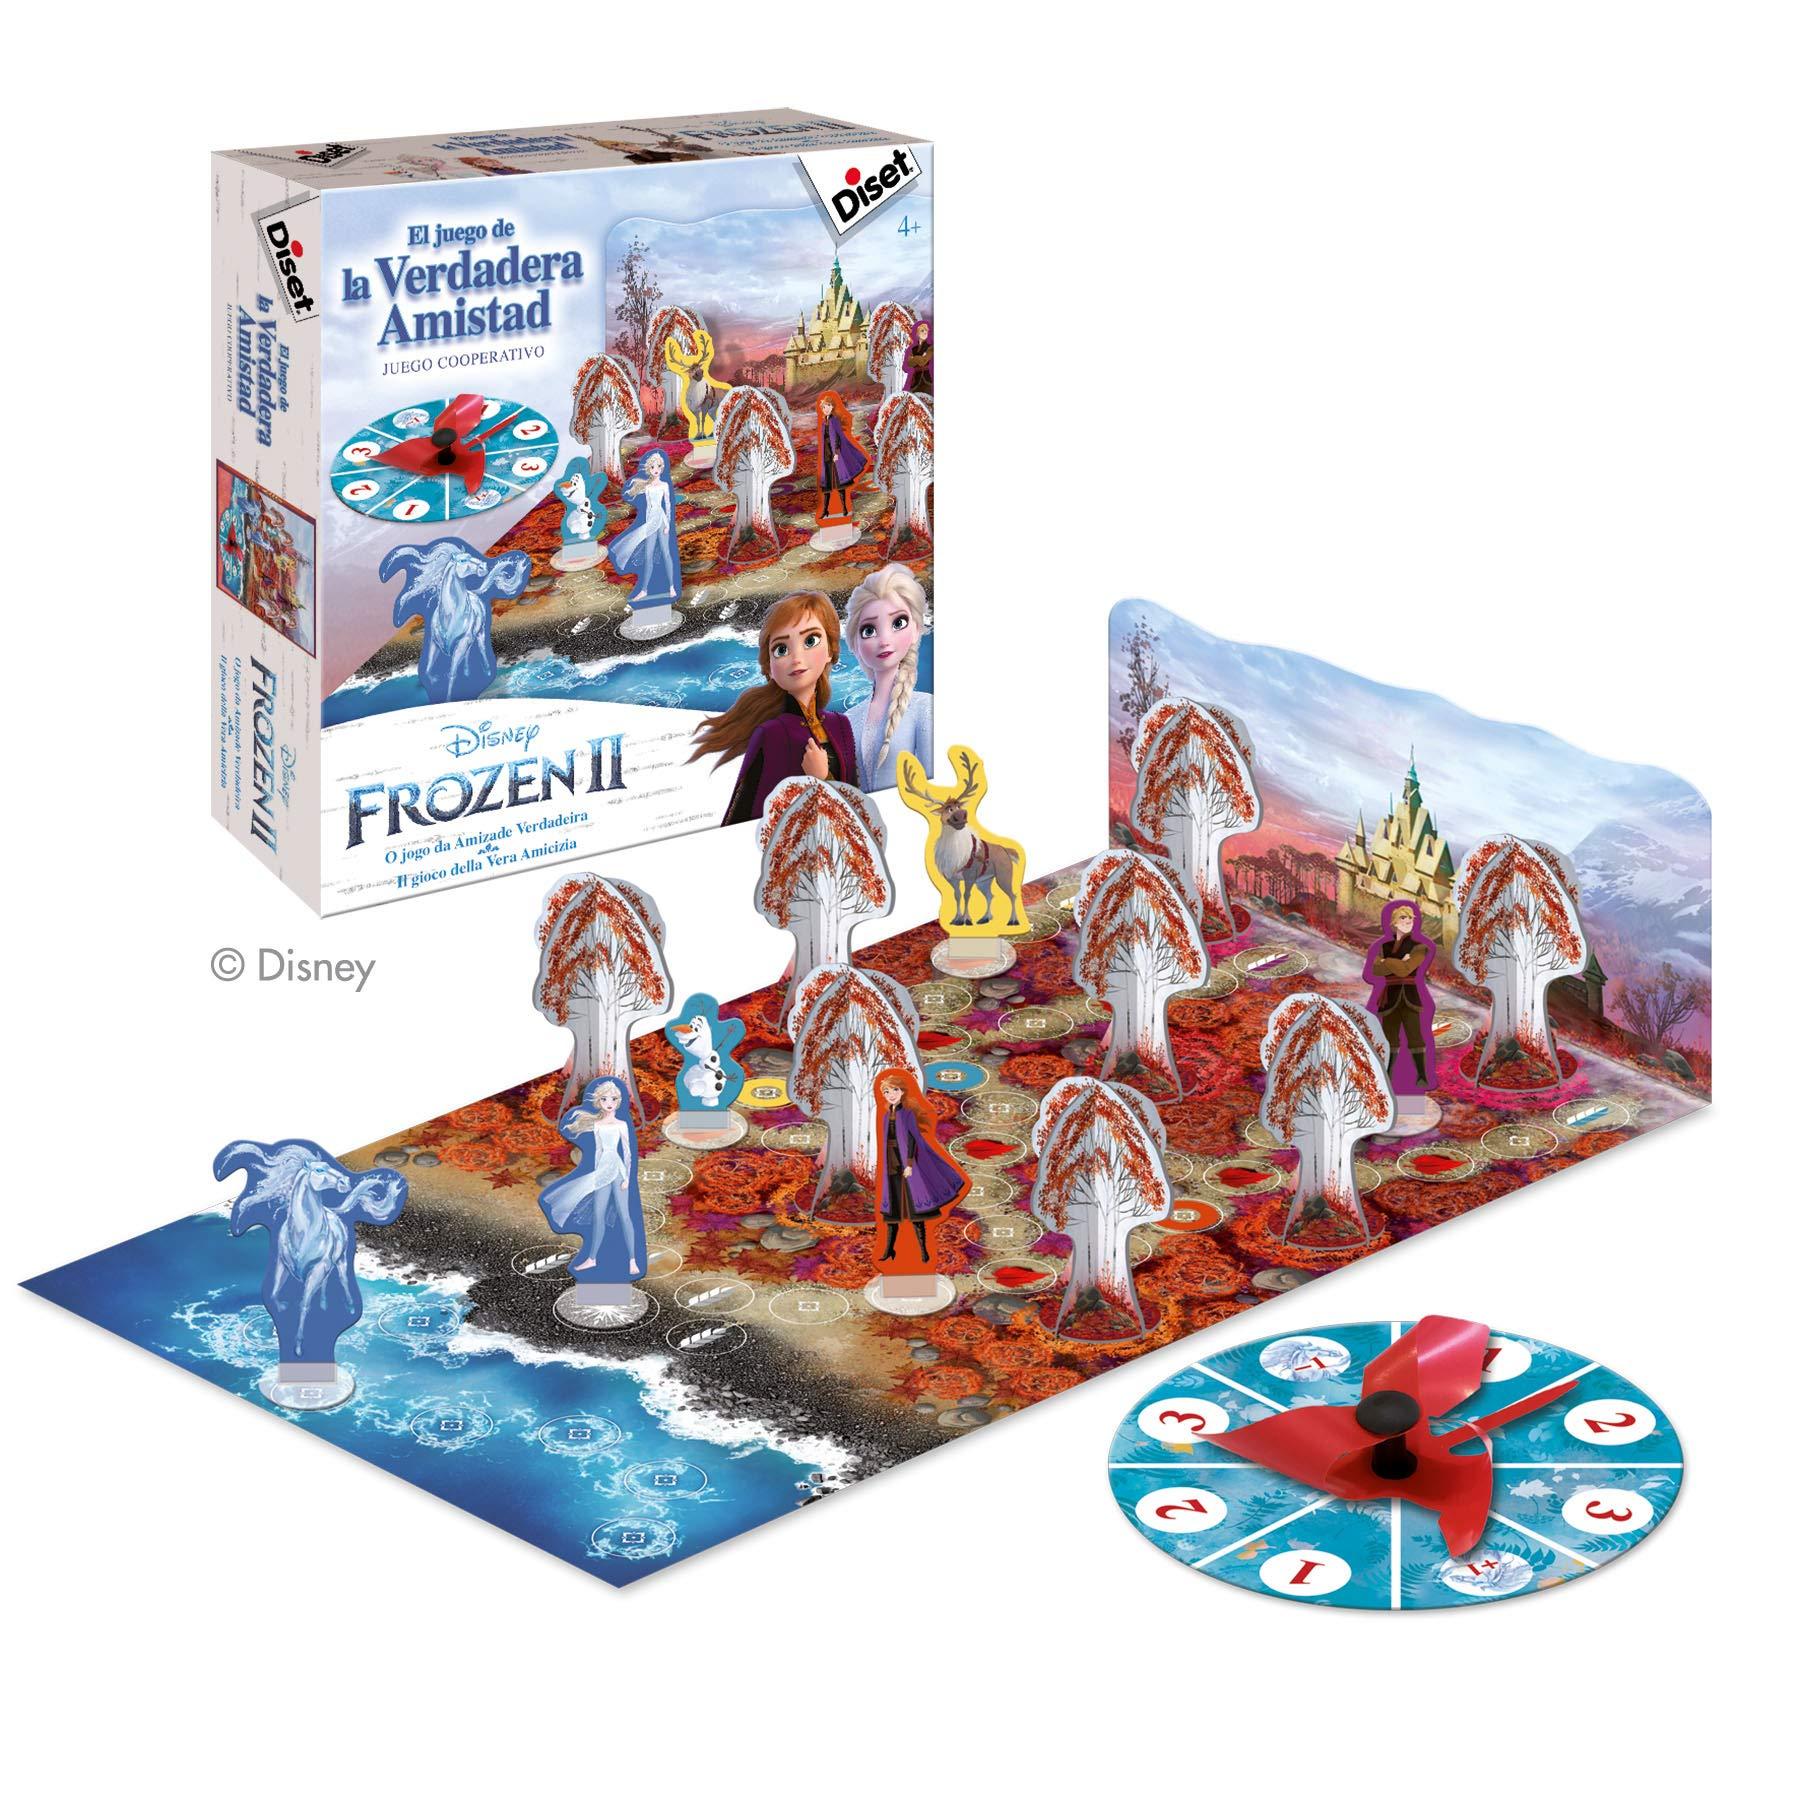 Diset - Frozen 2 El juego de la verdadera amistad: Amazon.es: Juguetes y juegos